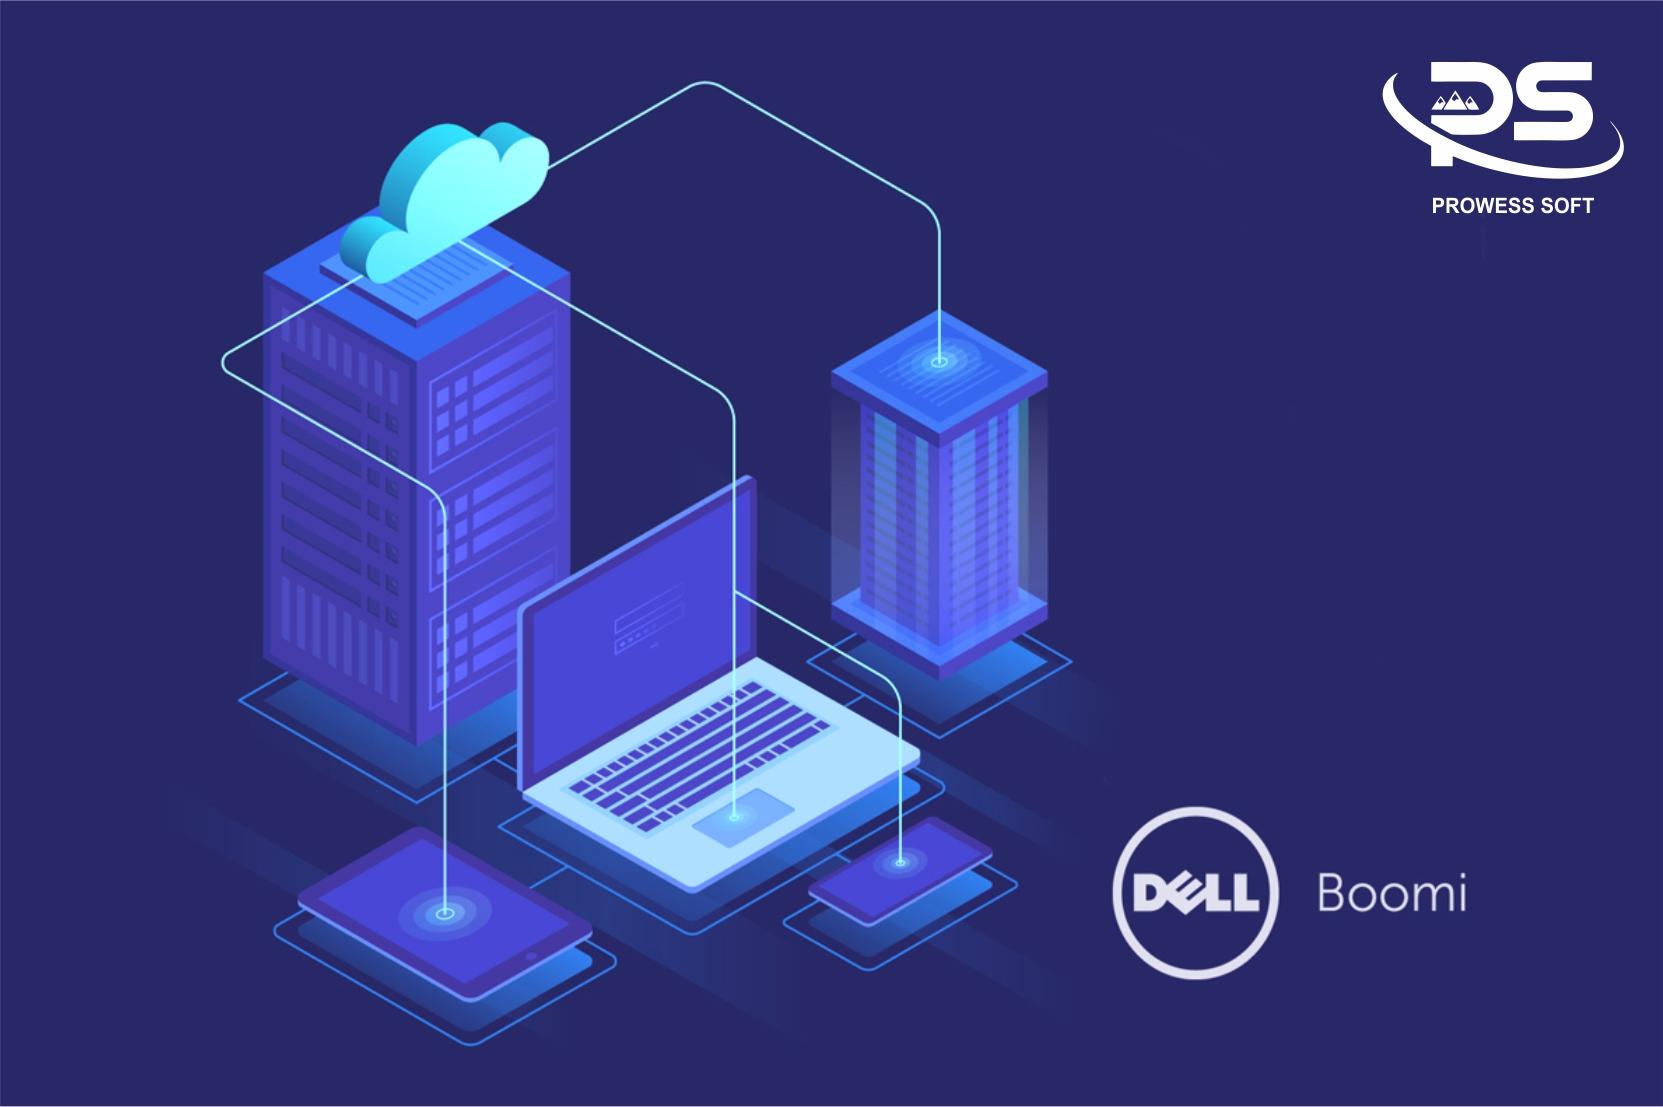 Image Of Dell Boomi